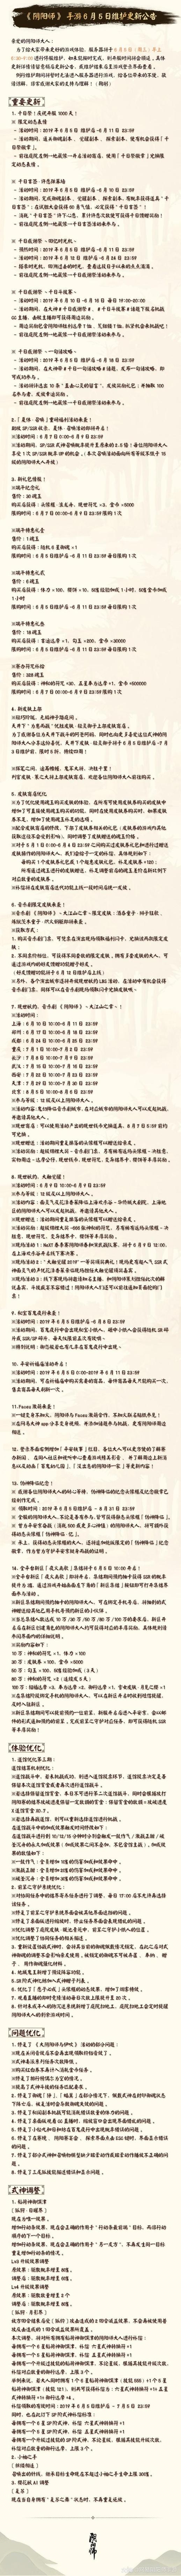 阴阳师6月5日更新公告及简略版